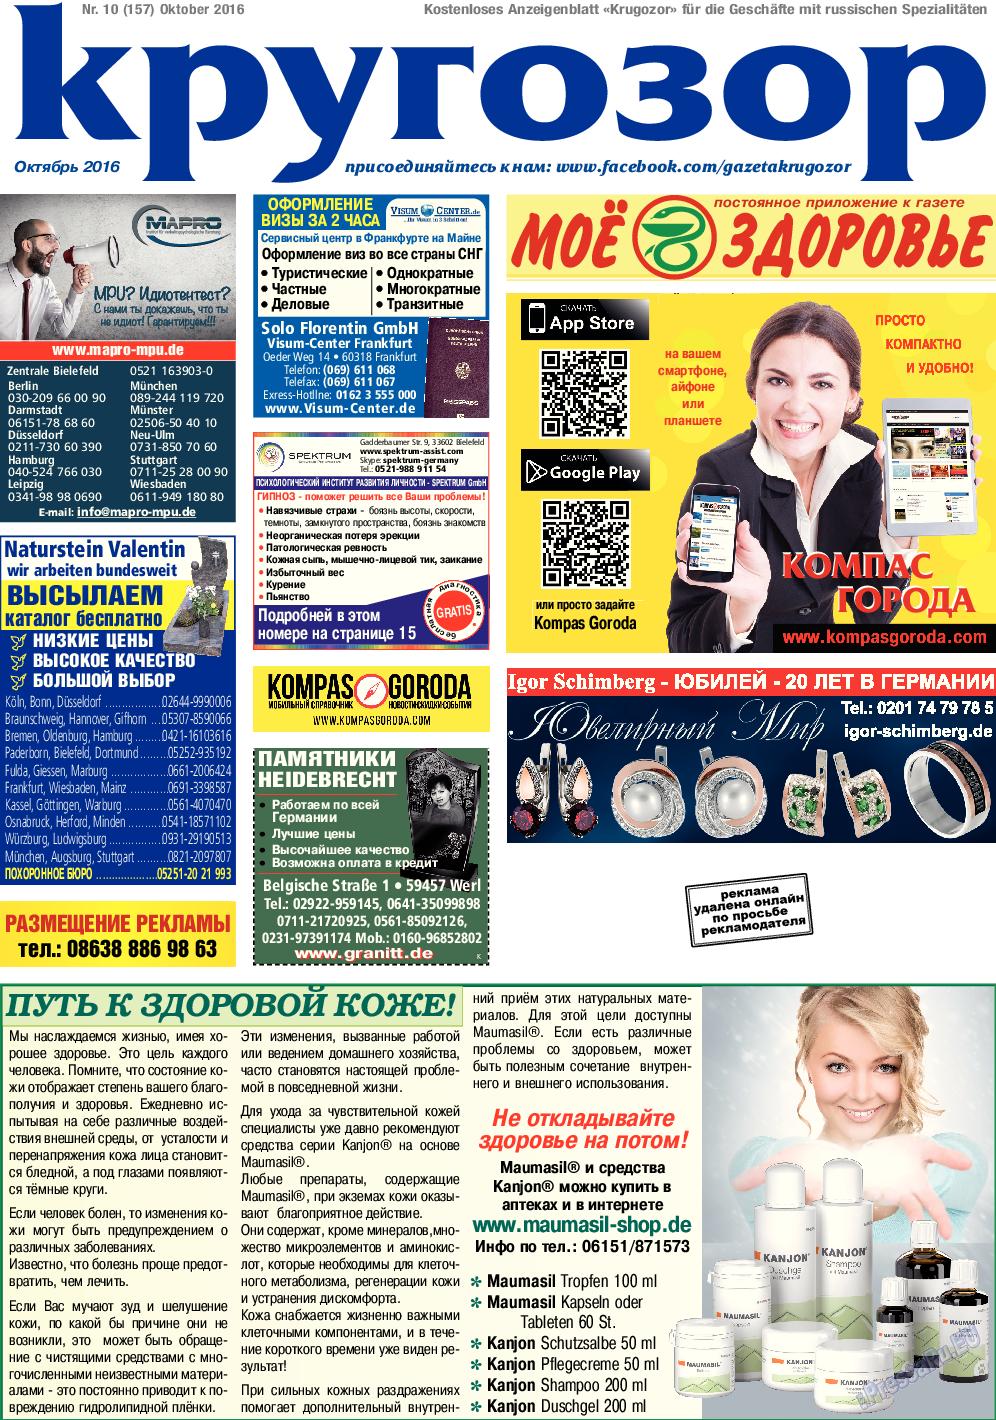 Кругозор (газета). 2016 год, номер 10, стр. 1